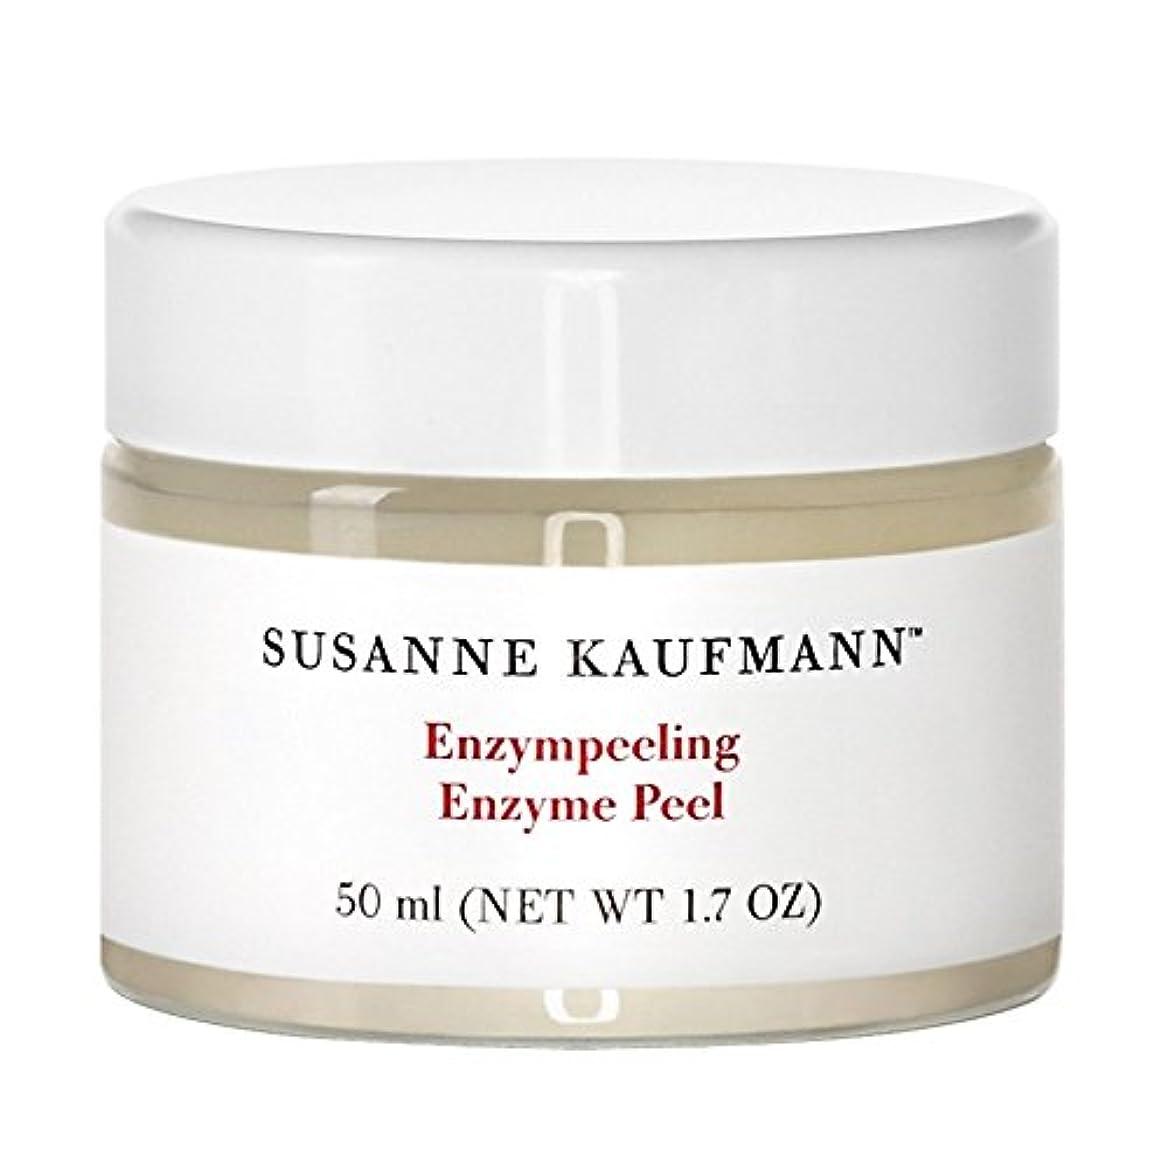 権威口述する見かけ上スザンヌカウフマン酵素ピール50ミリリットル x4 - Susanne Kaufmann Enzyme Peel 50ml (Pack of 4) [並行輸入品]